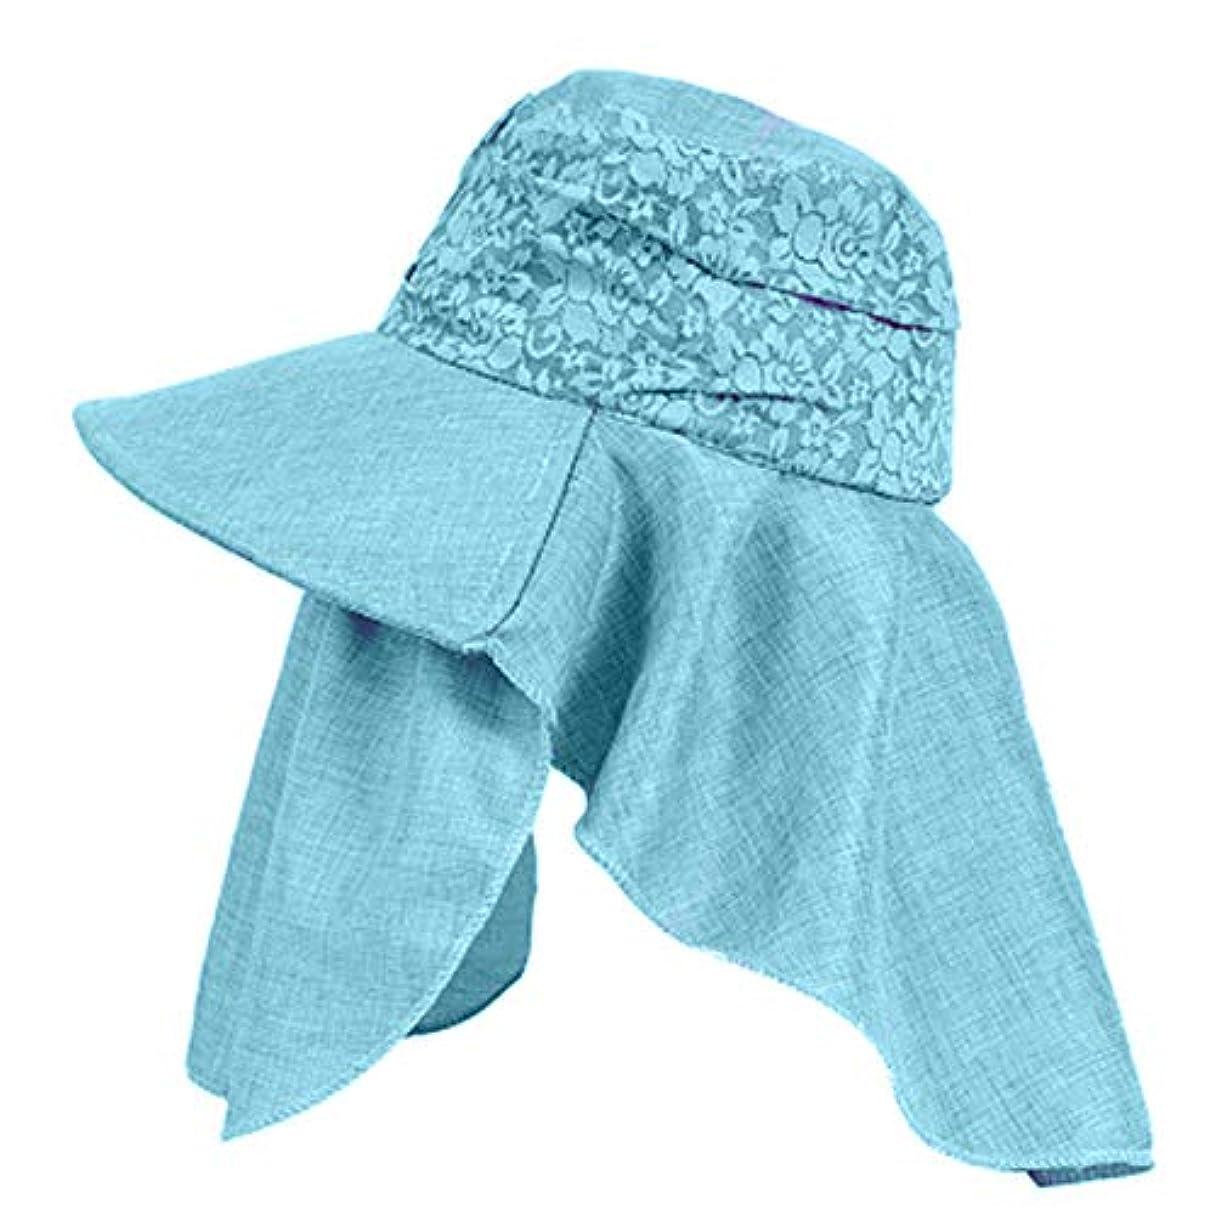 ブリリアントパンツ管理するMerssavo 女性の夏の日曜日の帽子、バイザーカバーの表面の反紫色のライン旅行日曜日の帽子、ガーデニング、ハイキング、旅行、1#